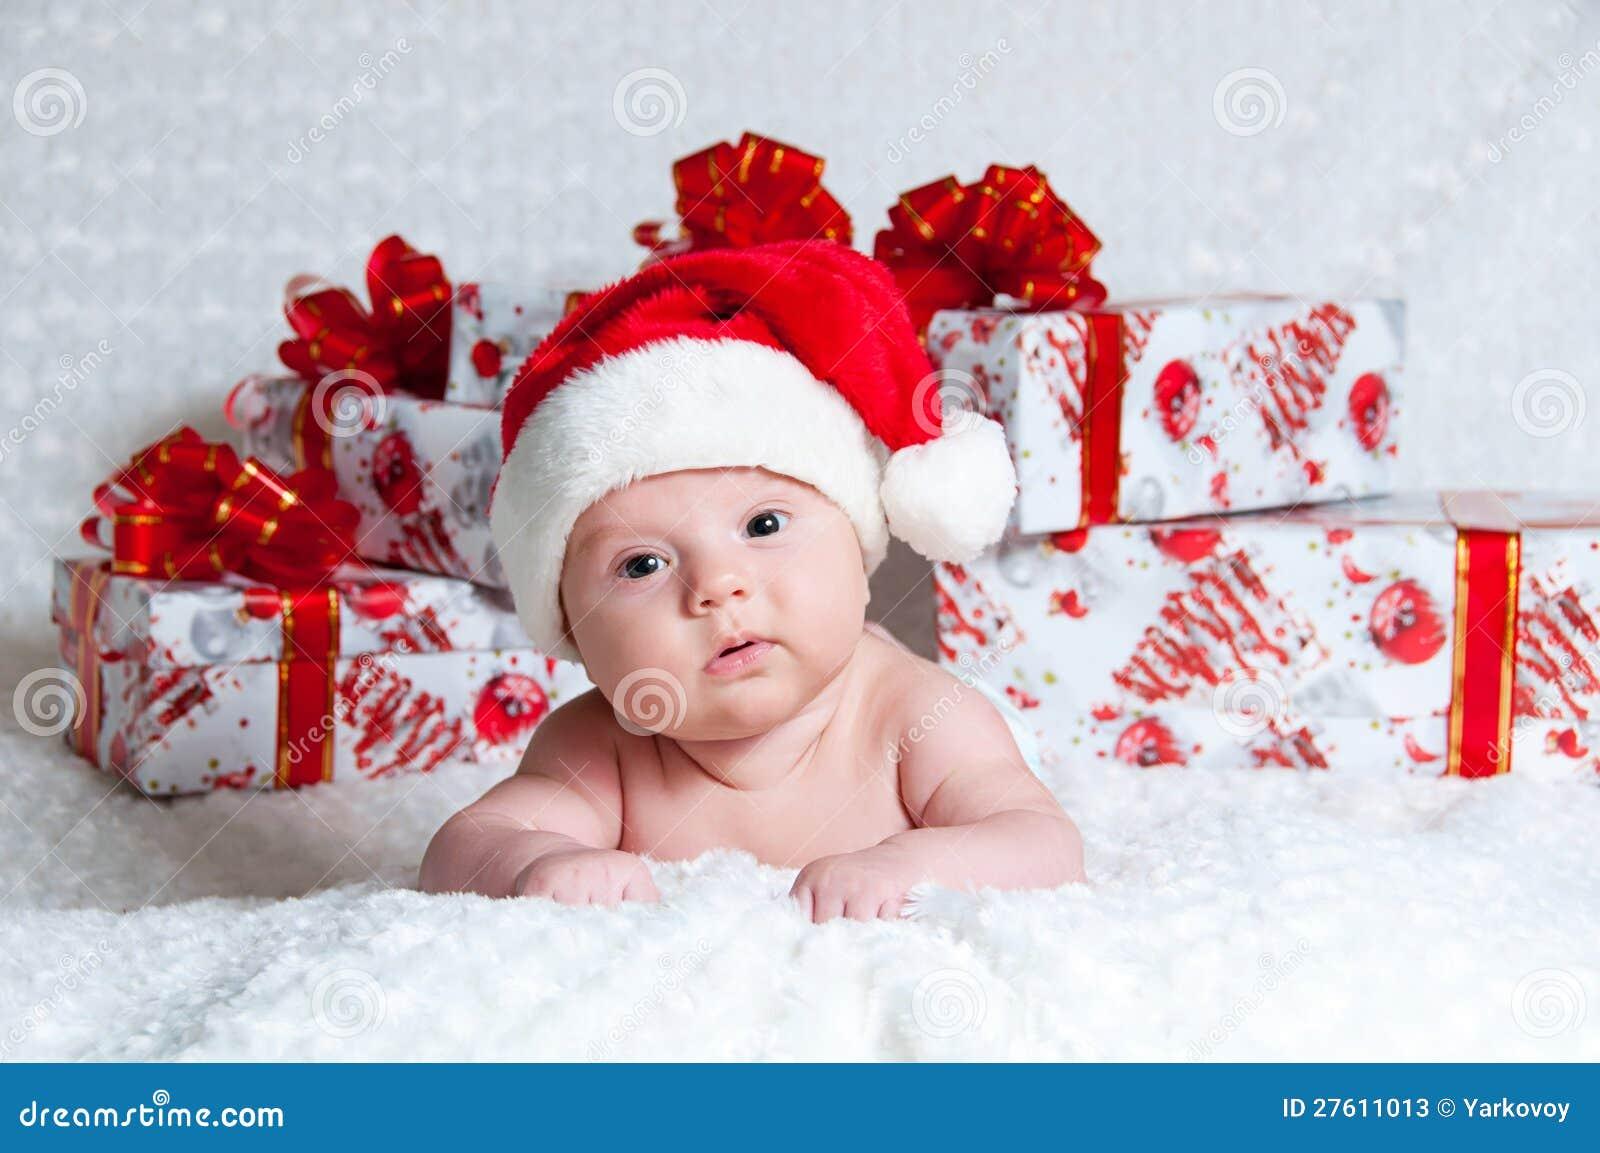 Foto Di Natale Neonati.Neonato Appena Nato Il Babbo Natale Con I Regali Di Natale